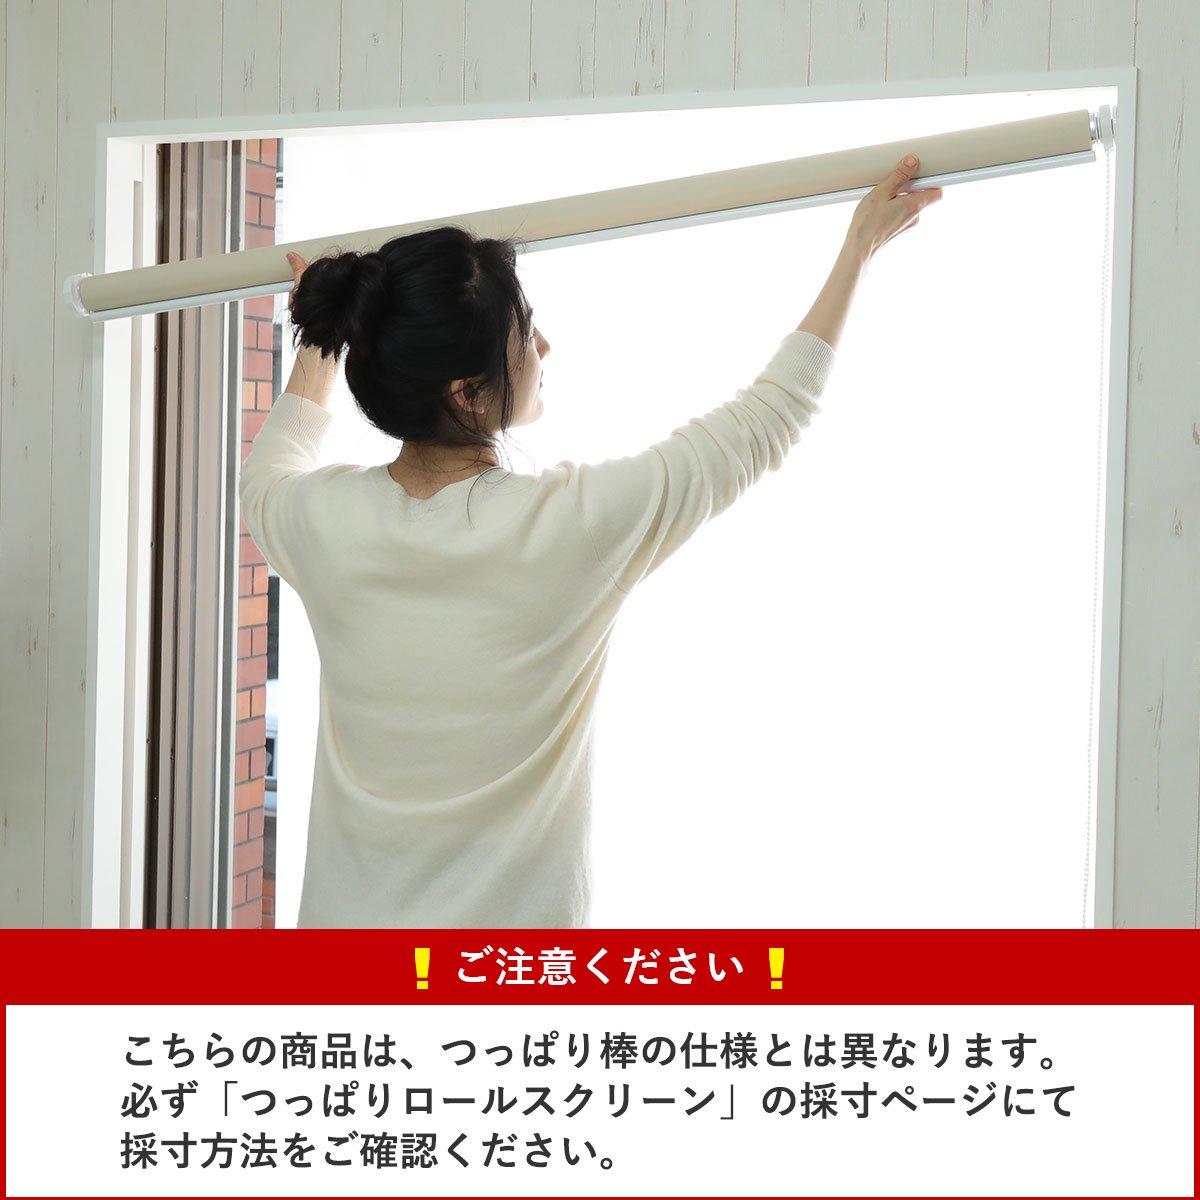 【当店オリジナル】激安!つっぱりロールスクリーン 非遮光タイプ